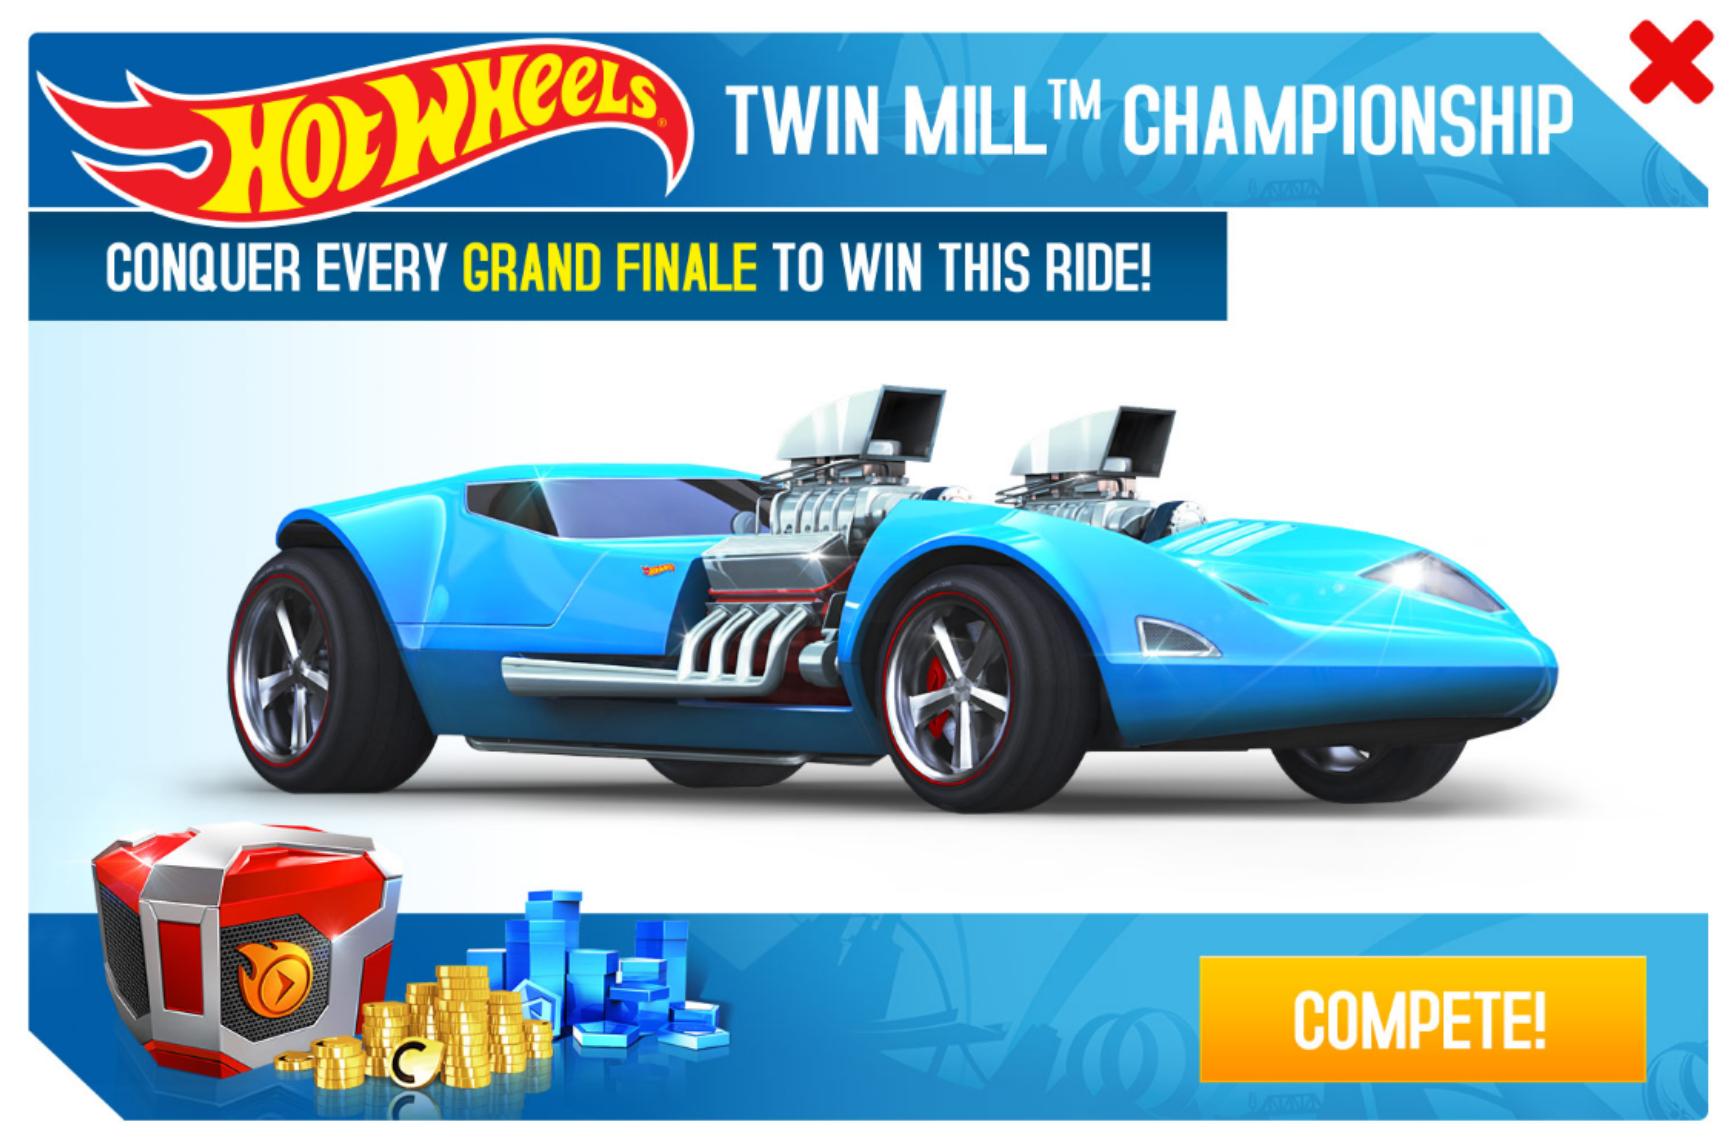 hot wheels 2015 twin mill